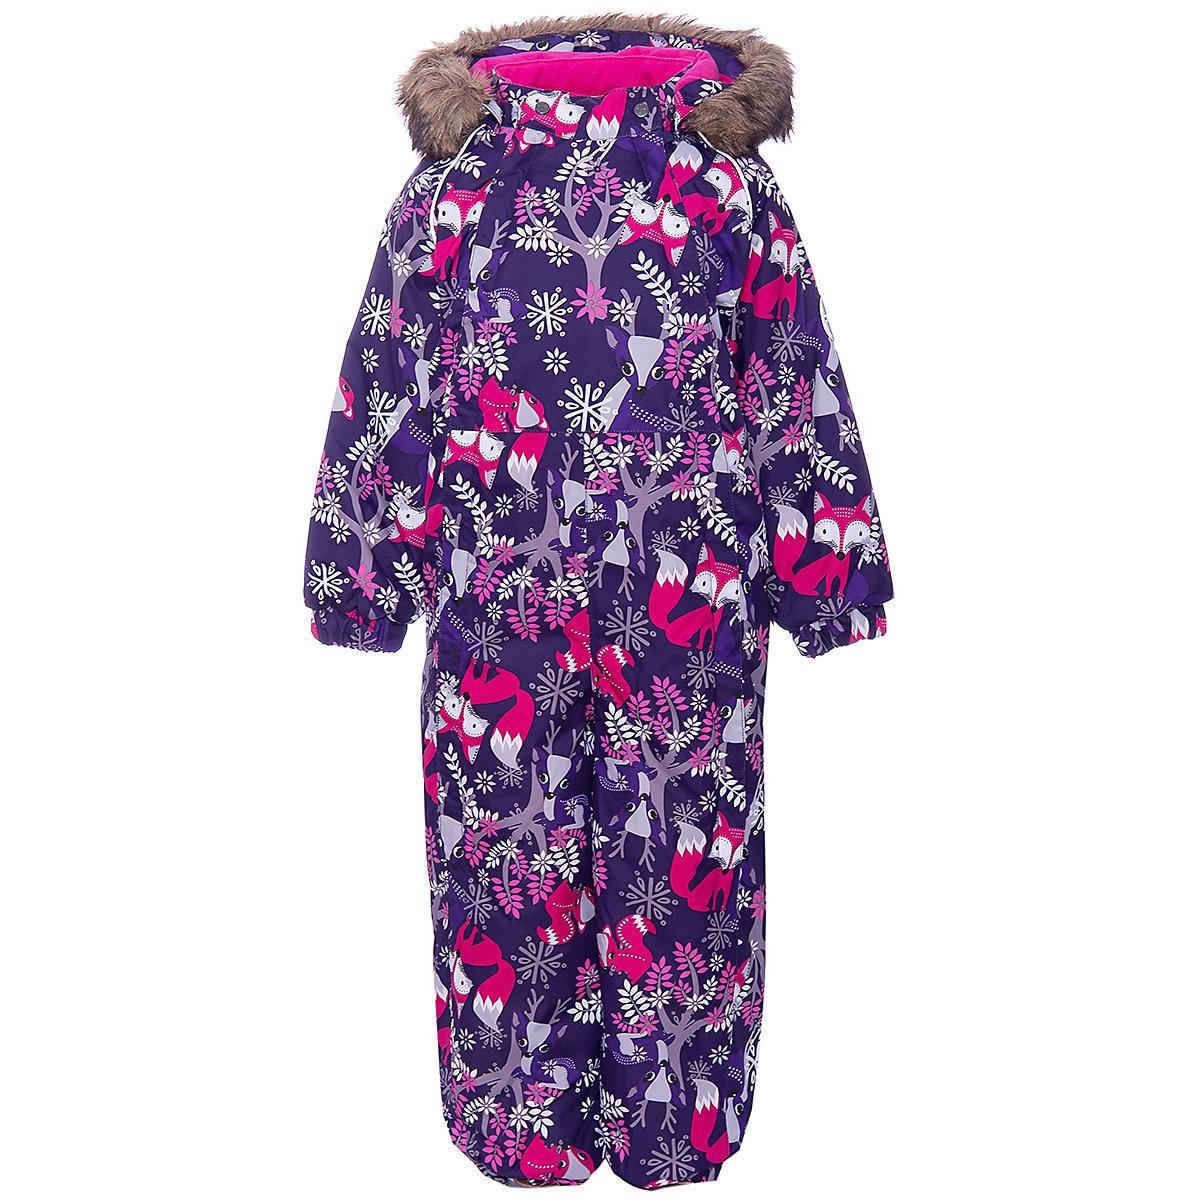 Tute e Salopette HUPPA per le ragazze 8959202 Del Bambino Body e Pagliaccetti Della Tuta Per Bambini abbigliamento Per Bambini